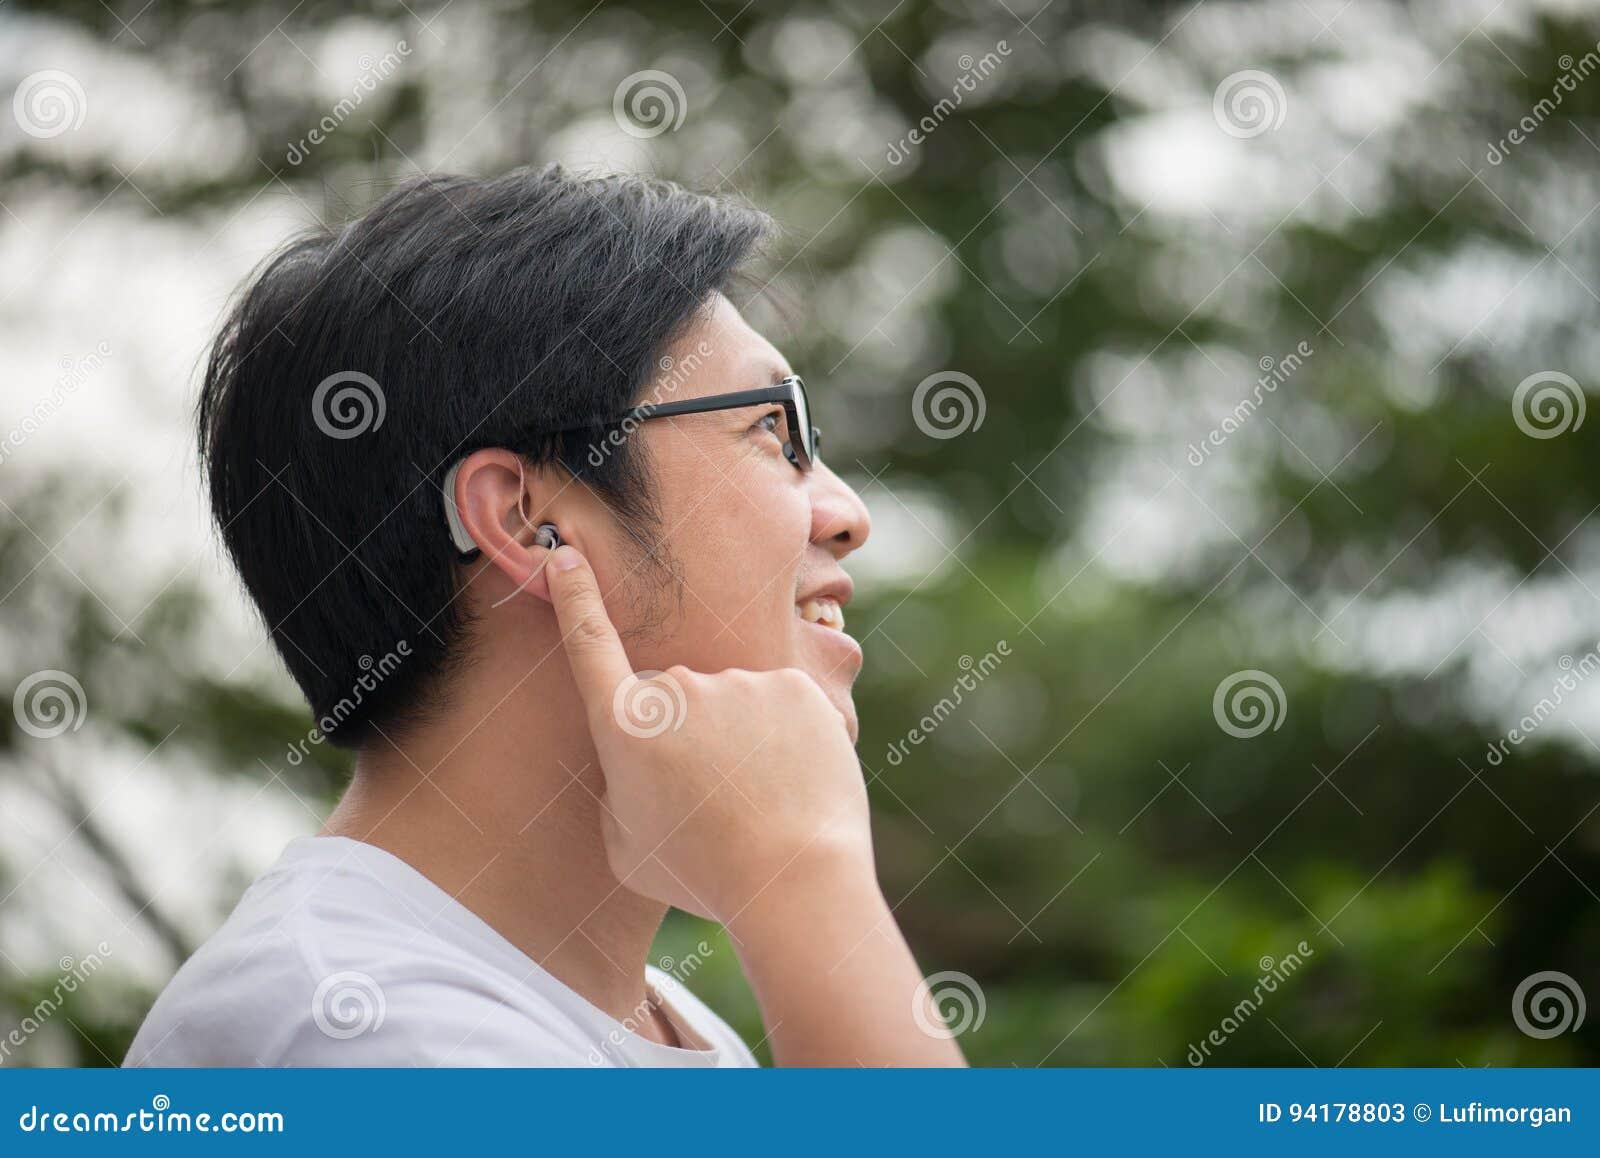 Uomo con la protesi acustica dietro l orecchio